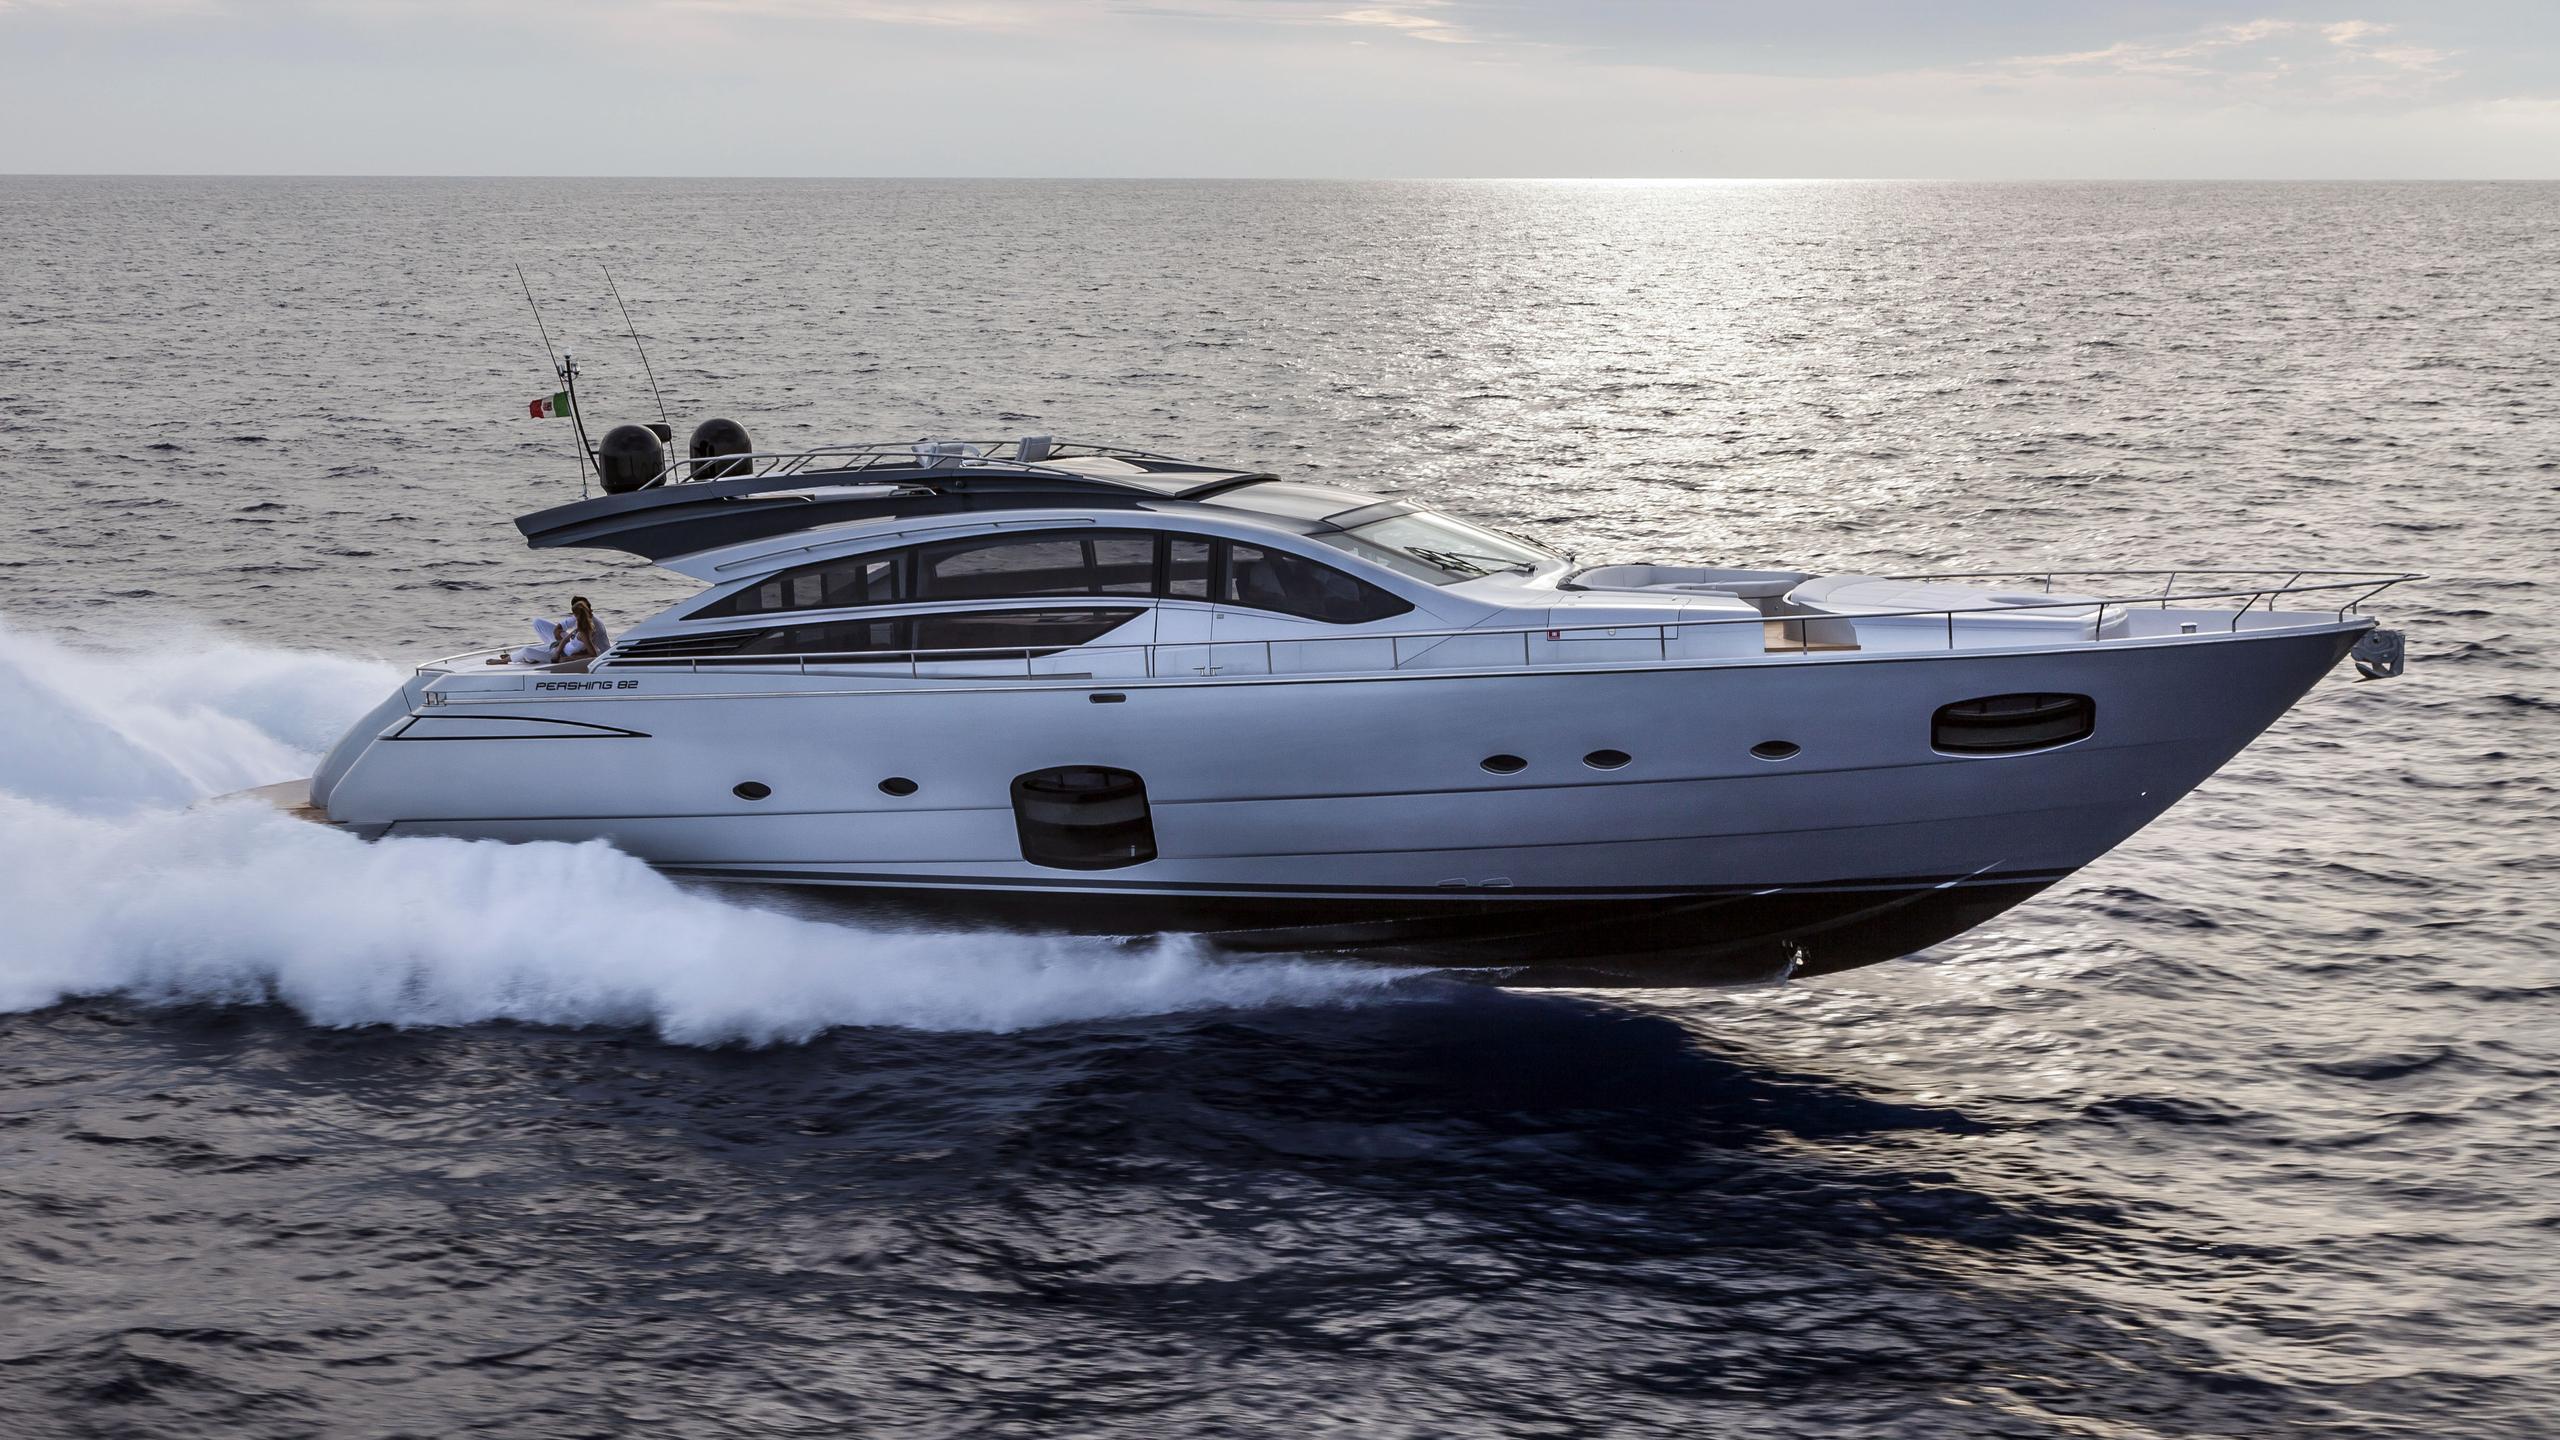 lady-first-motor-yacht-pershing-2015-25m-cruising-sistership